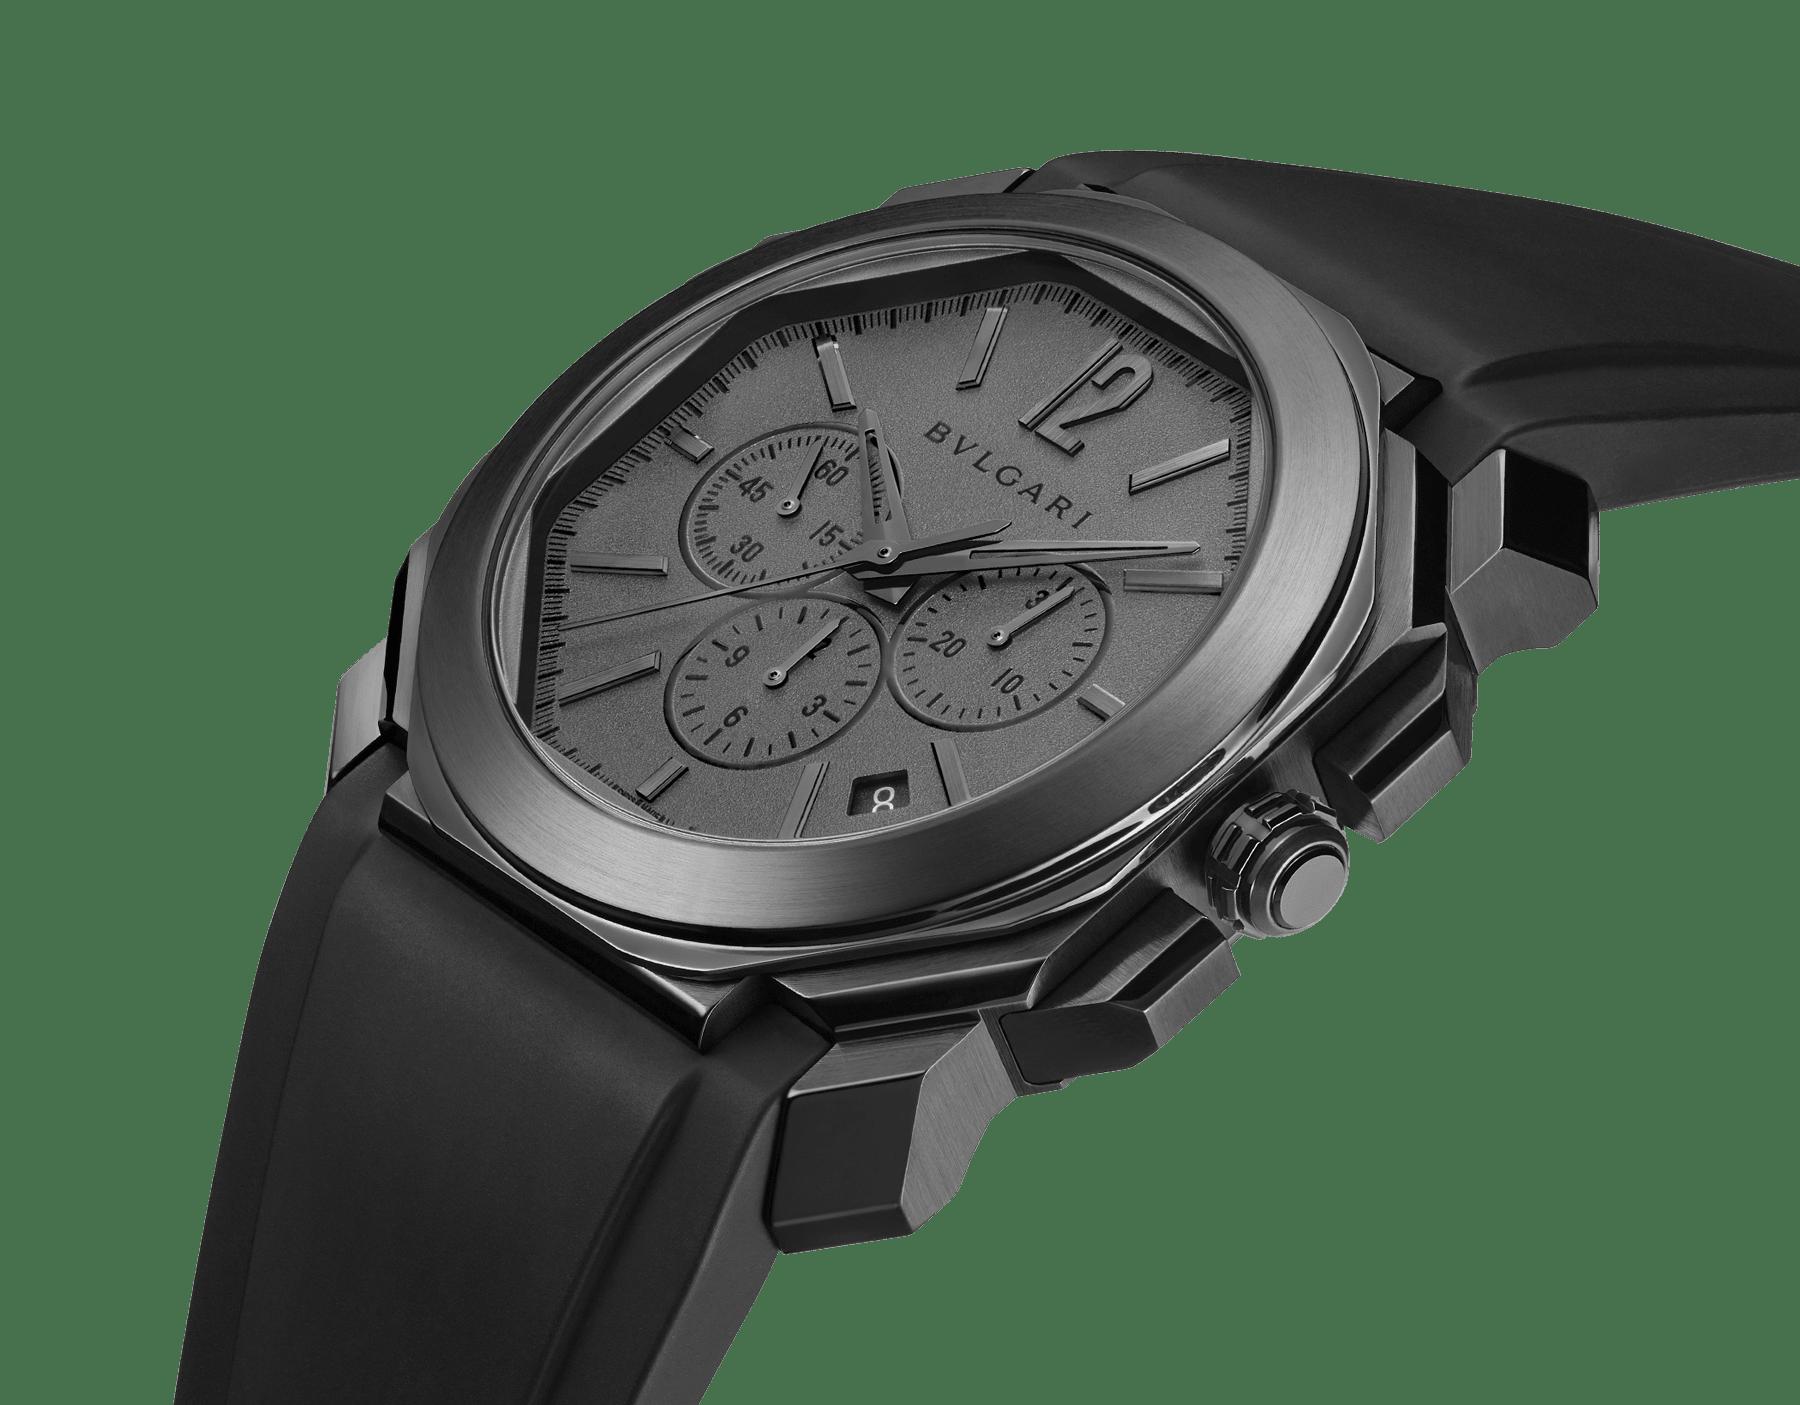 Octo L'Originale Uhr mit mechanischem Manufakturwerk, integriertem Hochfrequenz-Chronographen (5Hz), Säulenradmechanismus, Silizium-Hemmung, Automatikaufzug und Datumsanzeige, Gehäuse aus Edelstahl mit schwarzer DLC (Diamond Like Carbon)-Beschichtung, grauem Zifferblatt und schwarzem Kautschukarmband 103027 image 2